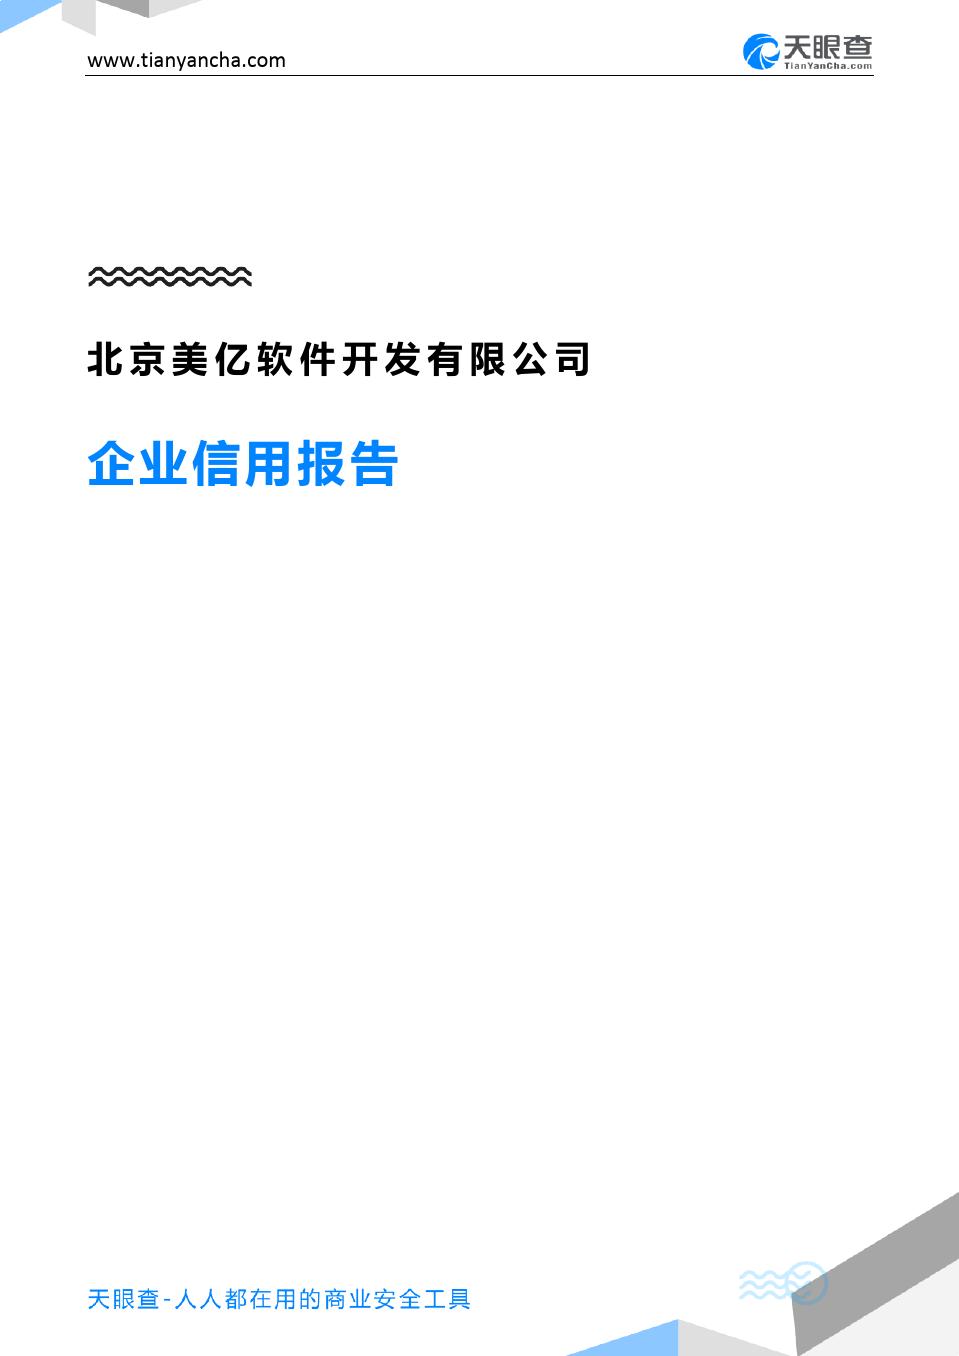 北京美亿软件开发有限公司(企业信用报告)- 天眼查